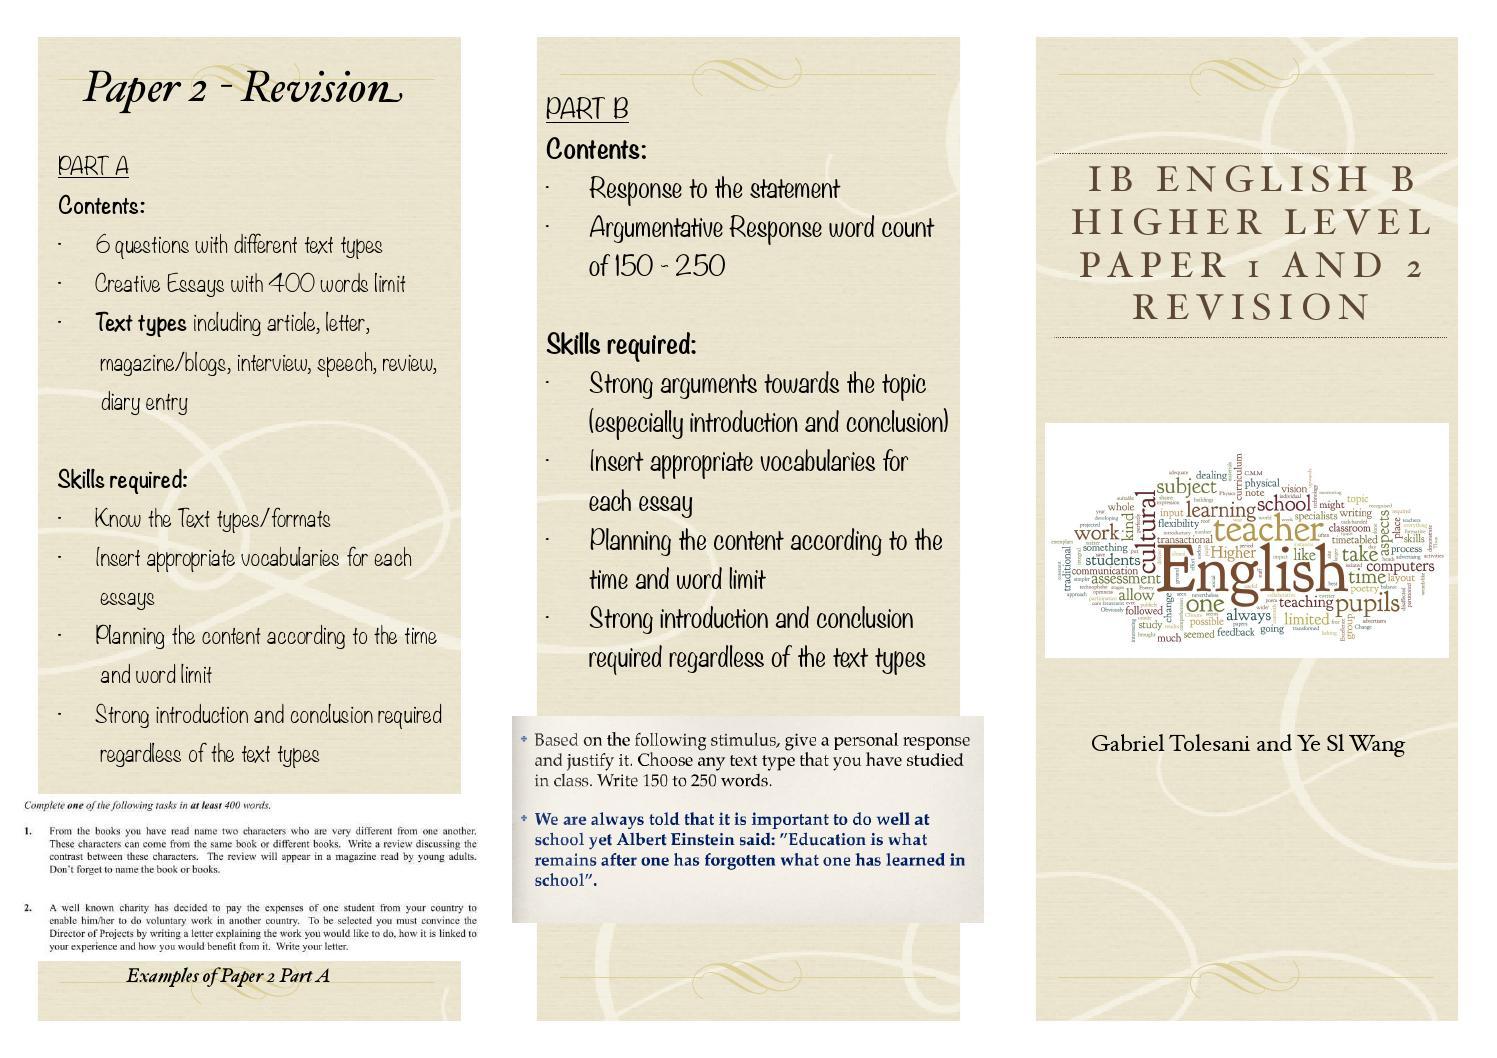 ib english paper 1 essay